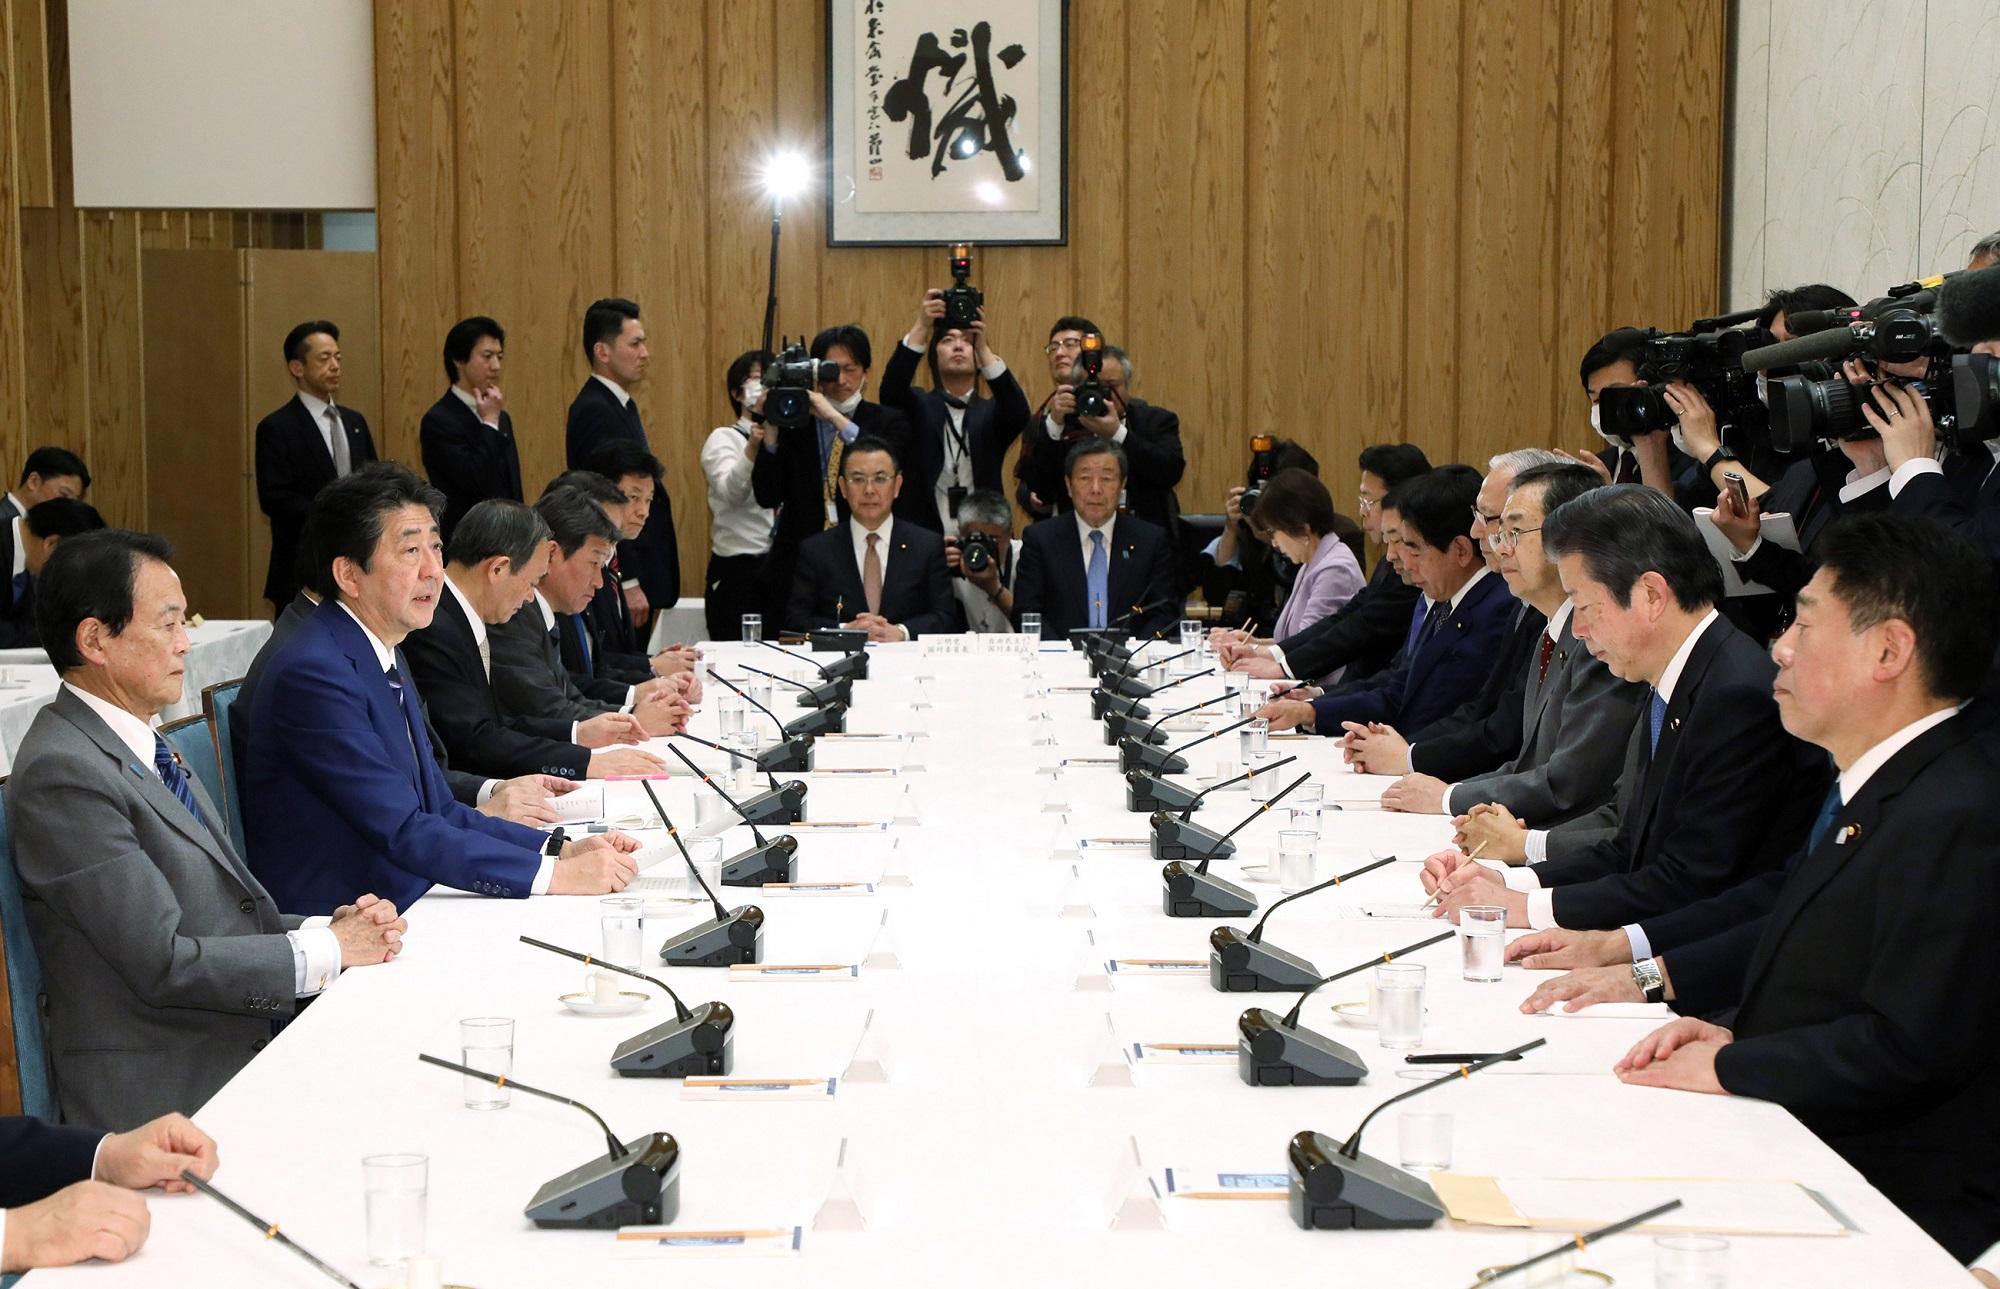 令和2年3月10日 政府与党連絡会議 | 令和2年 | 総理の一日 | ニュース ...